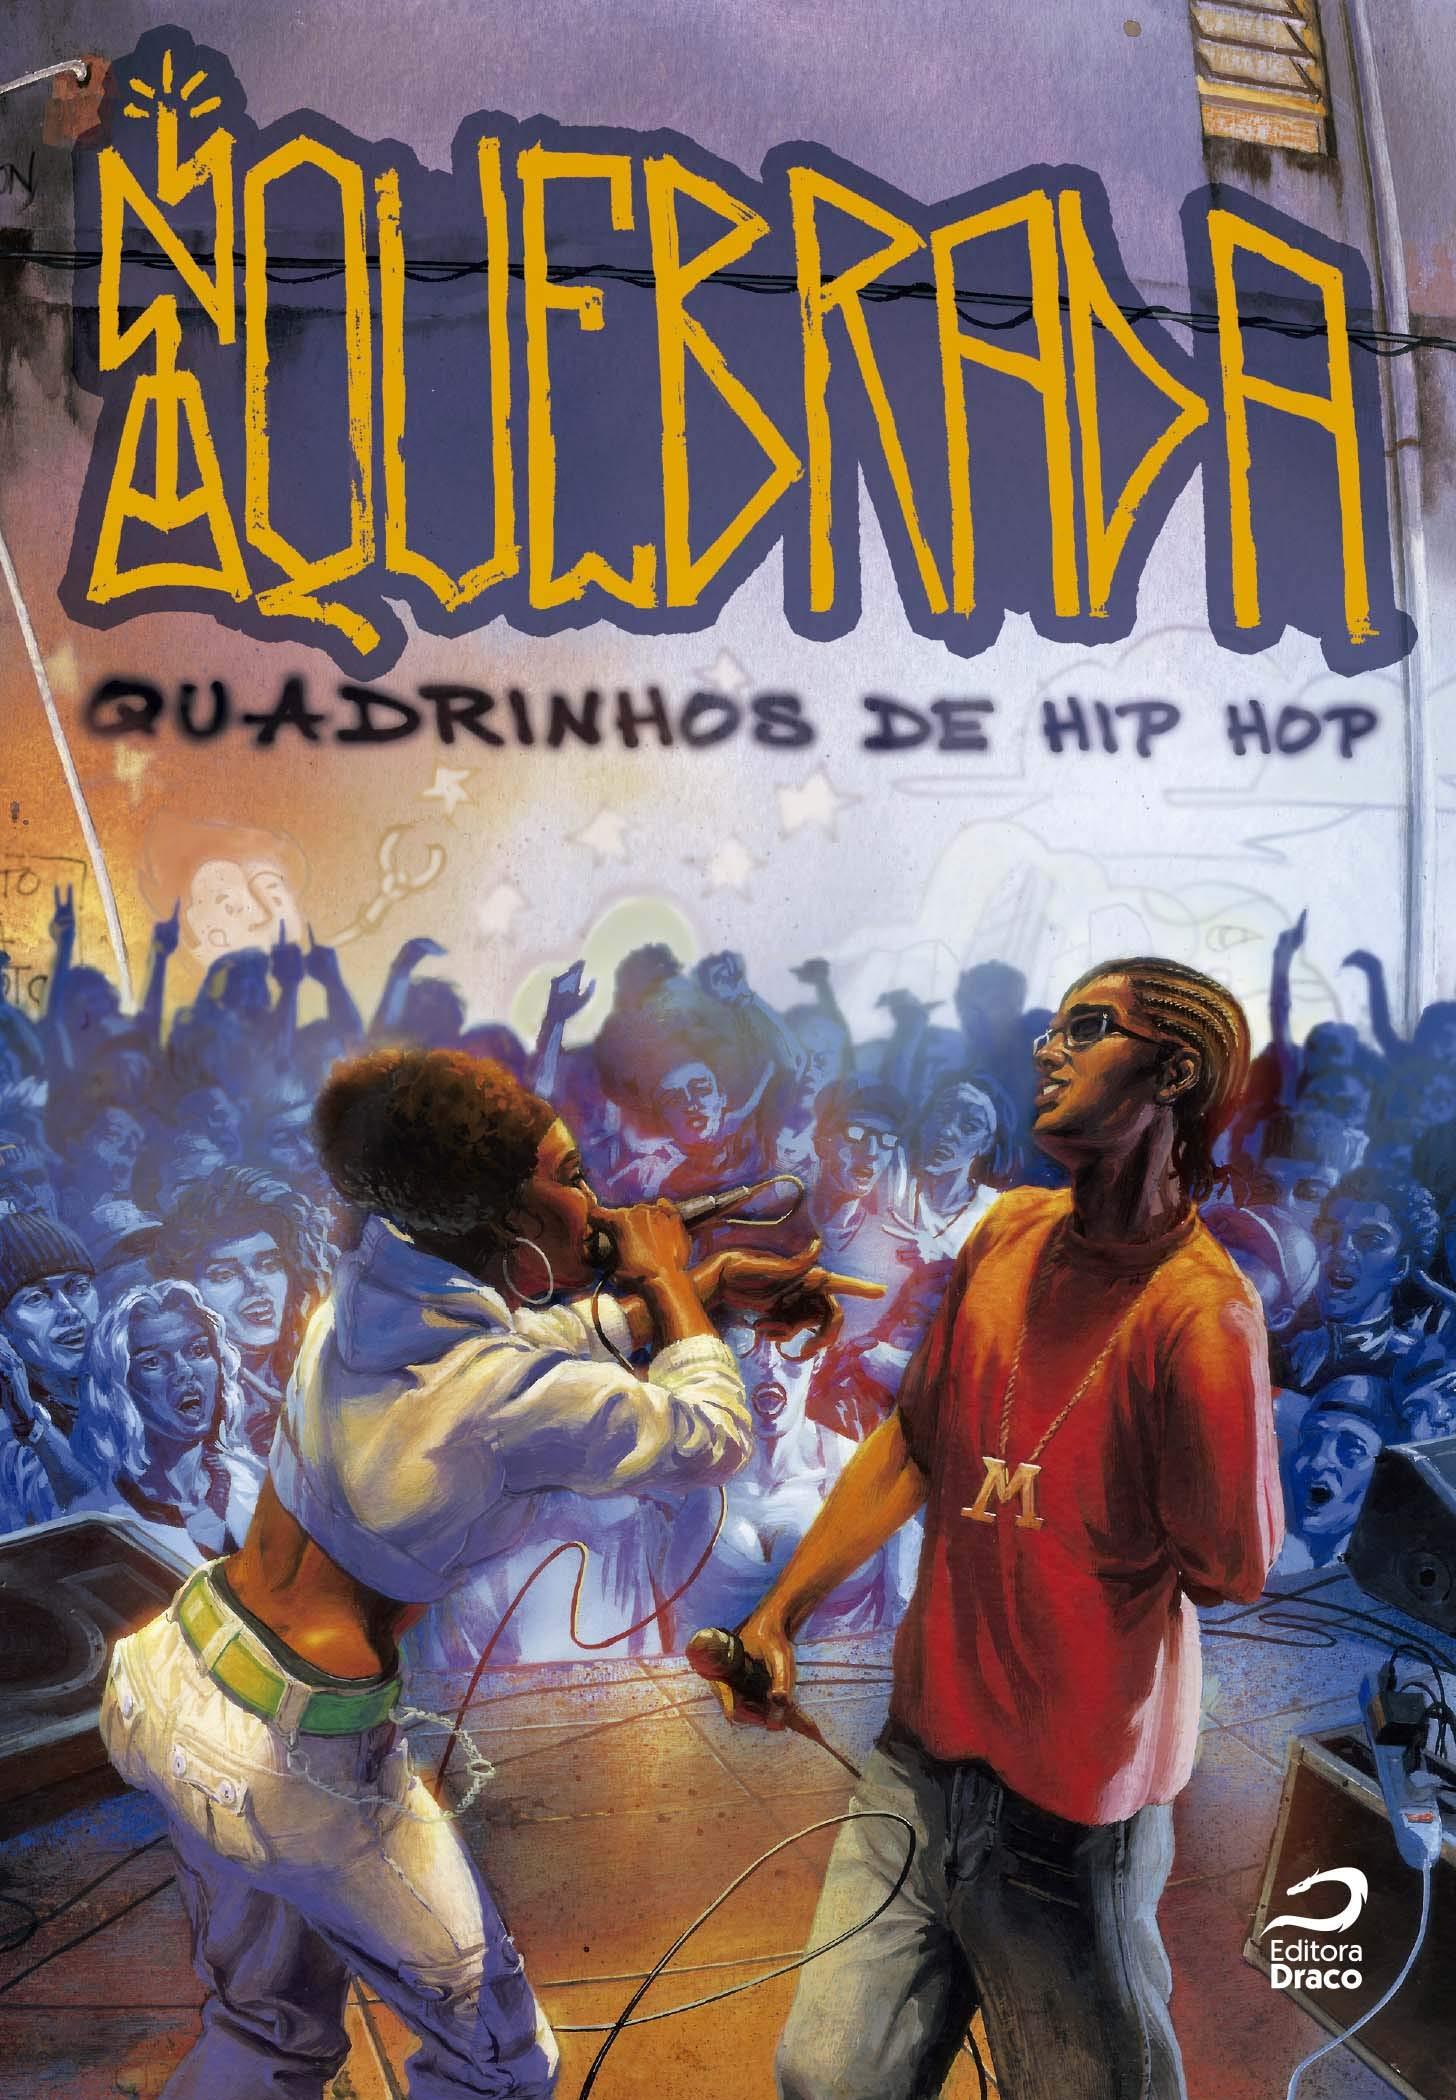 Na Quebrada – Quadrinhos De Hip Hop | Amazon.com.br